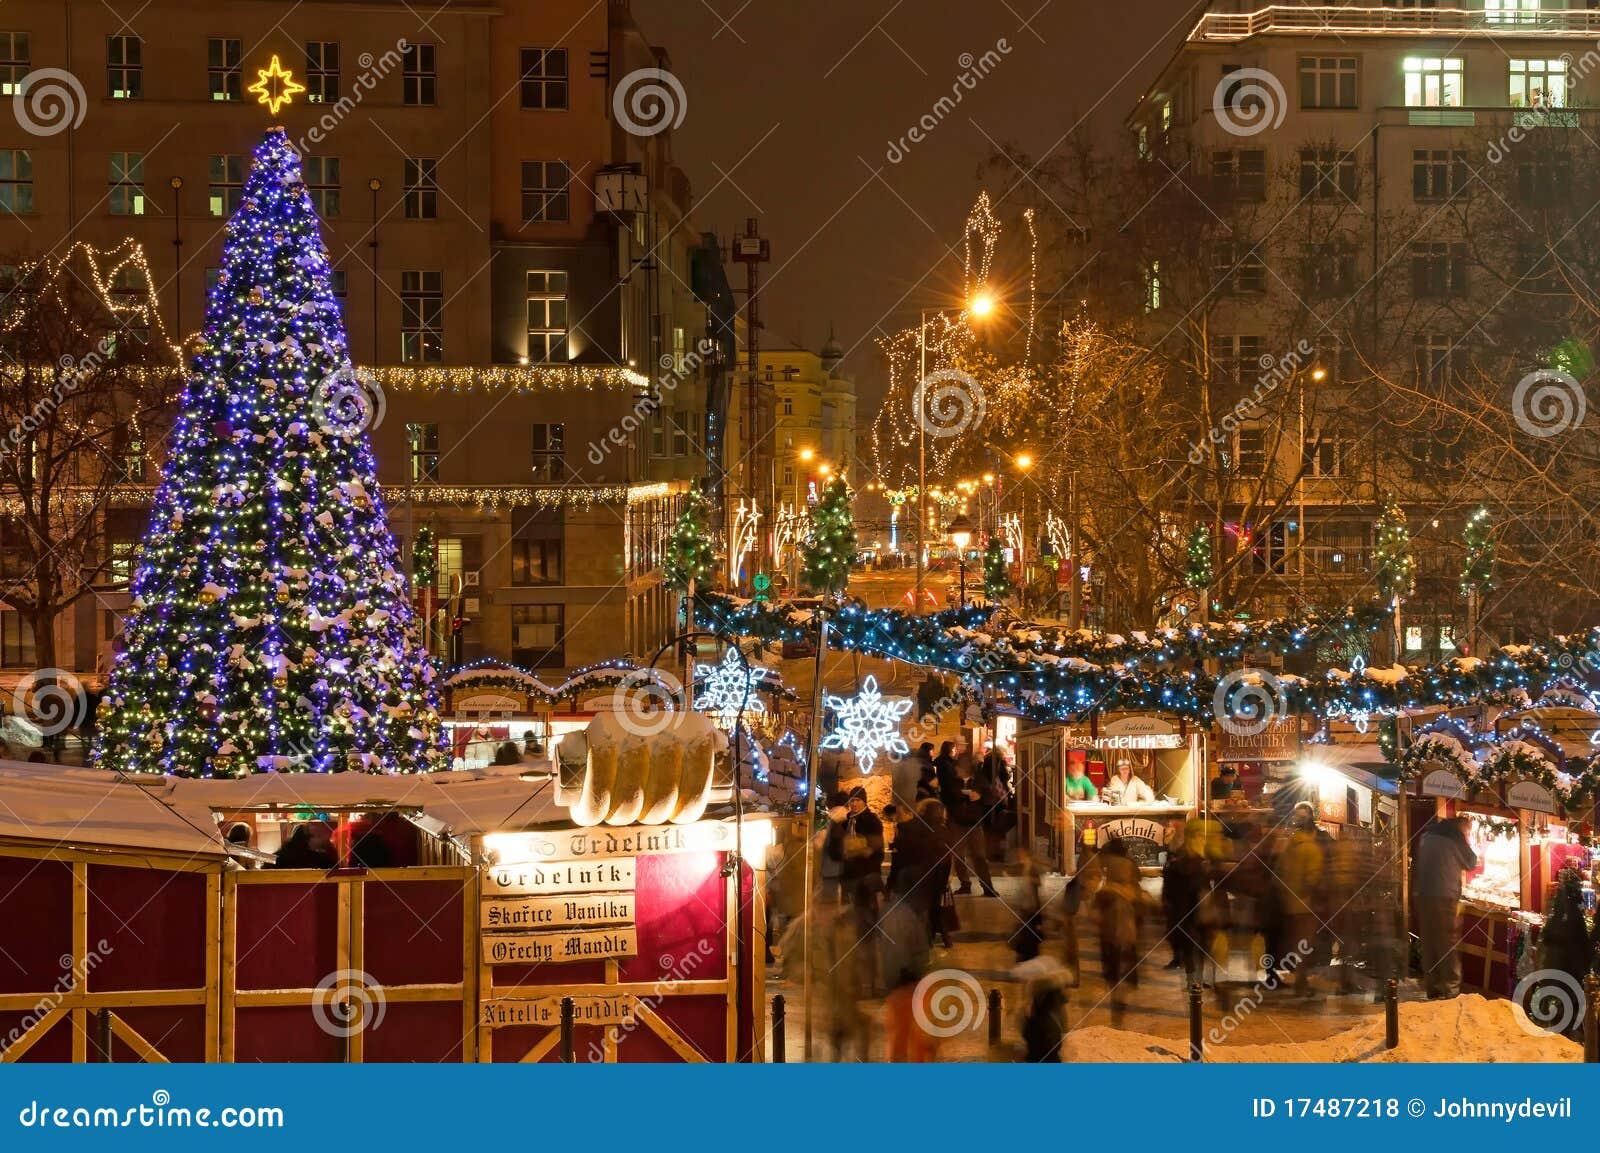 weihnachtsmarkt in prag redaktionelles stockfoto bild. Black Bedroom Furniture Sets. Home Design Ideas